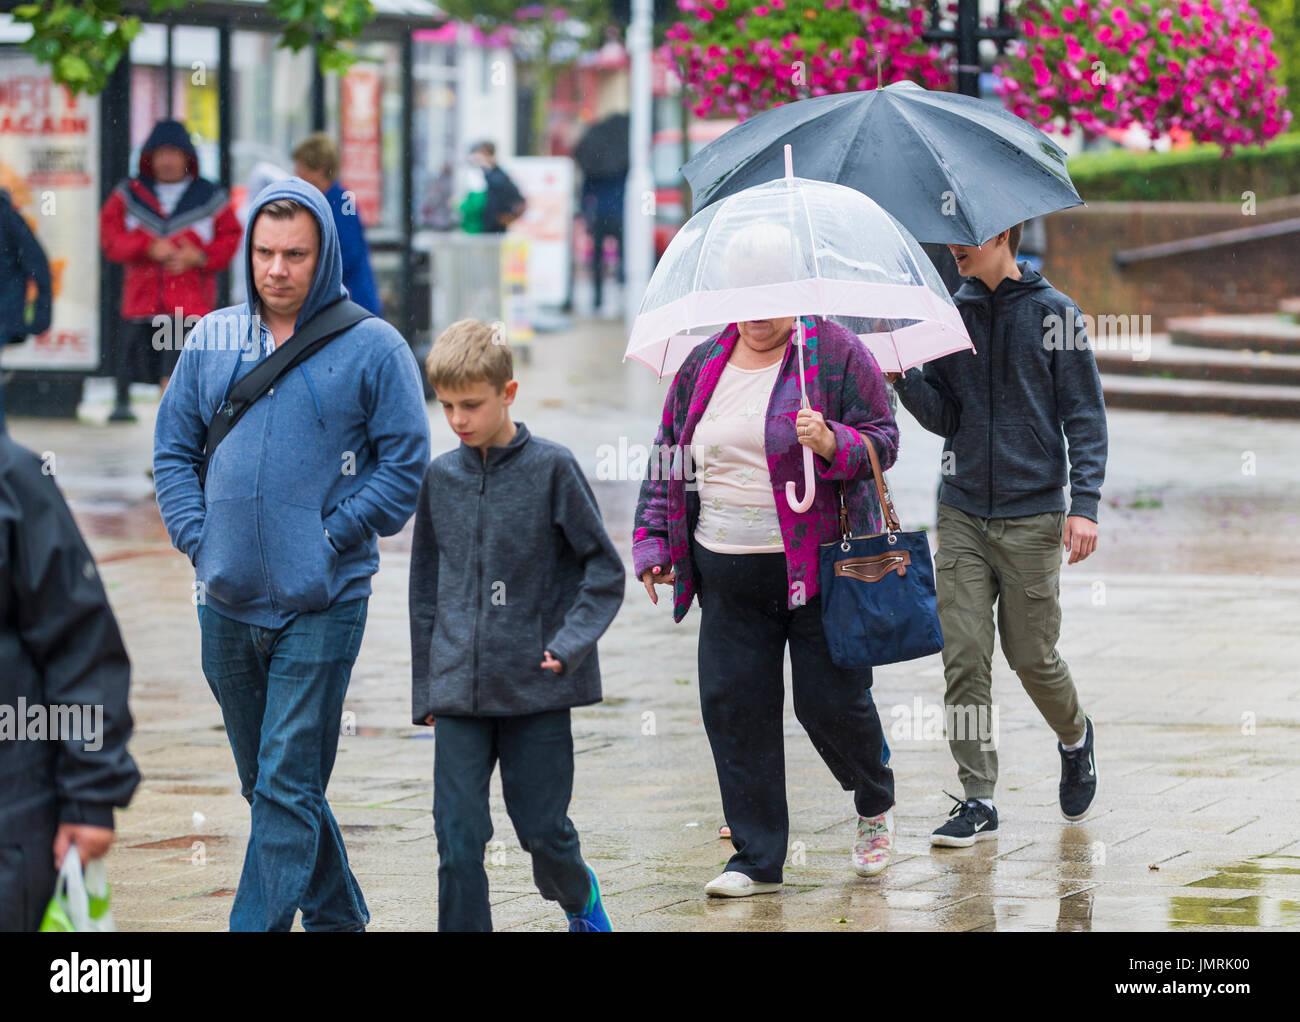 Familie, Wandern in den Regen halten Sonnenschirme in einem Einkaufszentrum. Stockbild